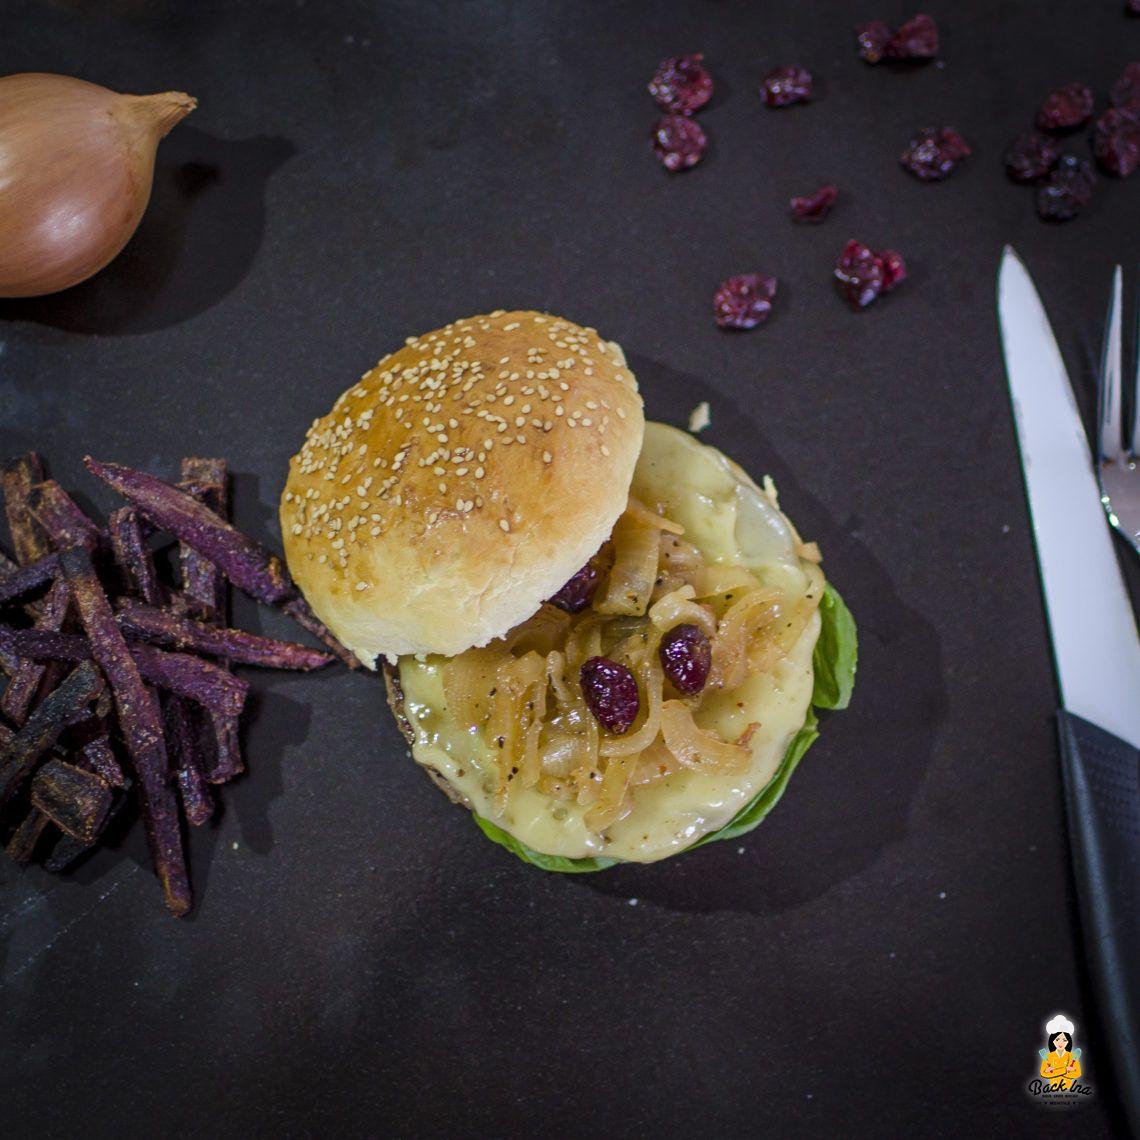 Burger Special: Knusprige Süßkartoffel Pommes aus dem Ofen